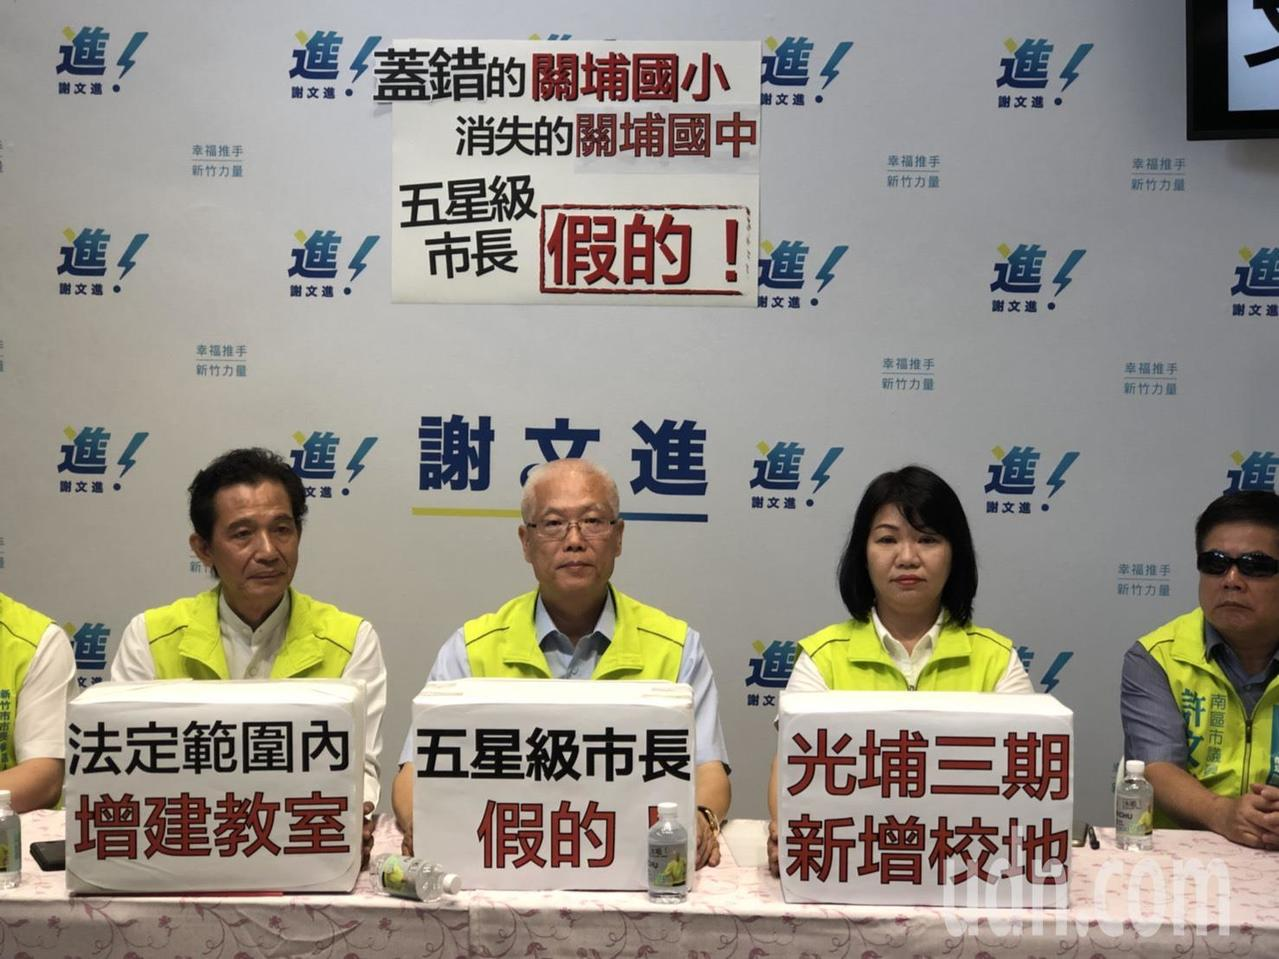 謝文進(左二)批評,關埔國小的容積率與建蔽率太低,原因出在於現任市長林智堅因過於...